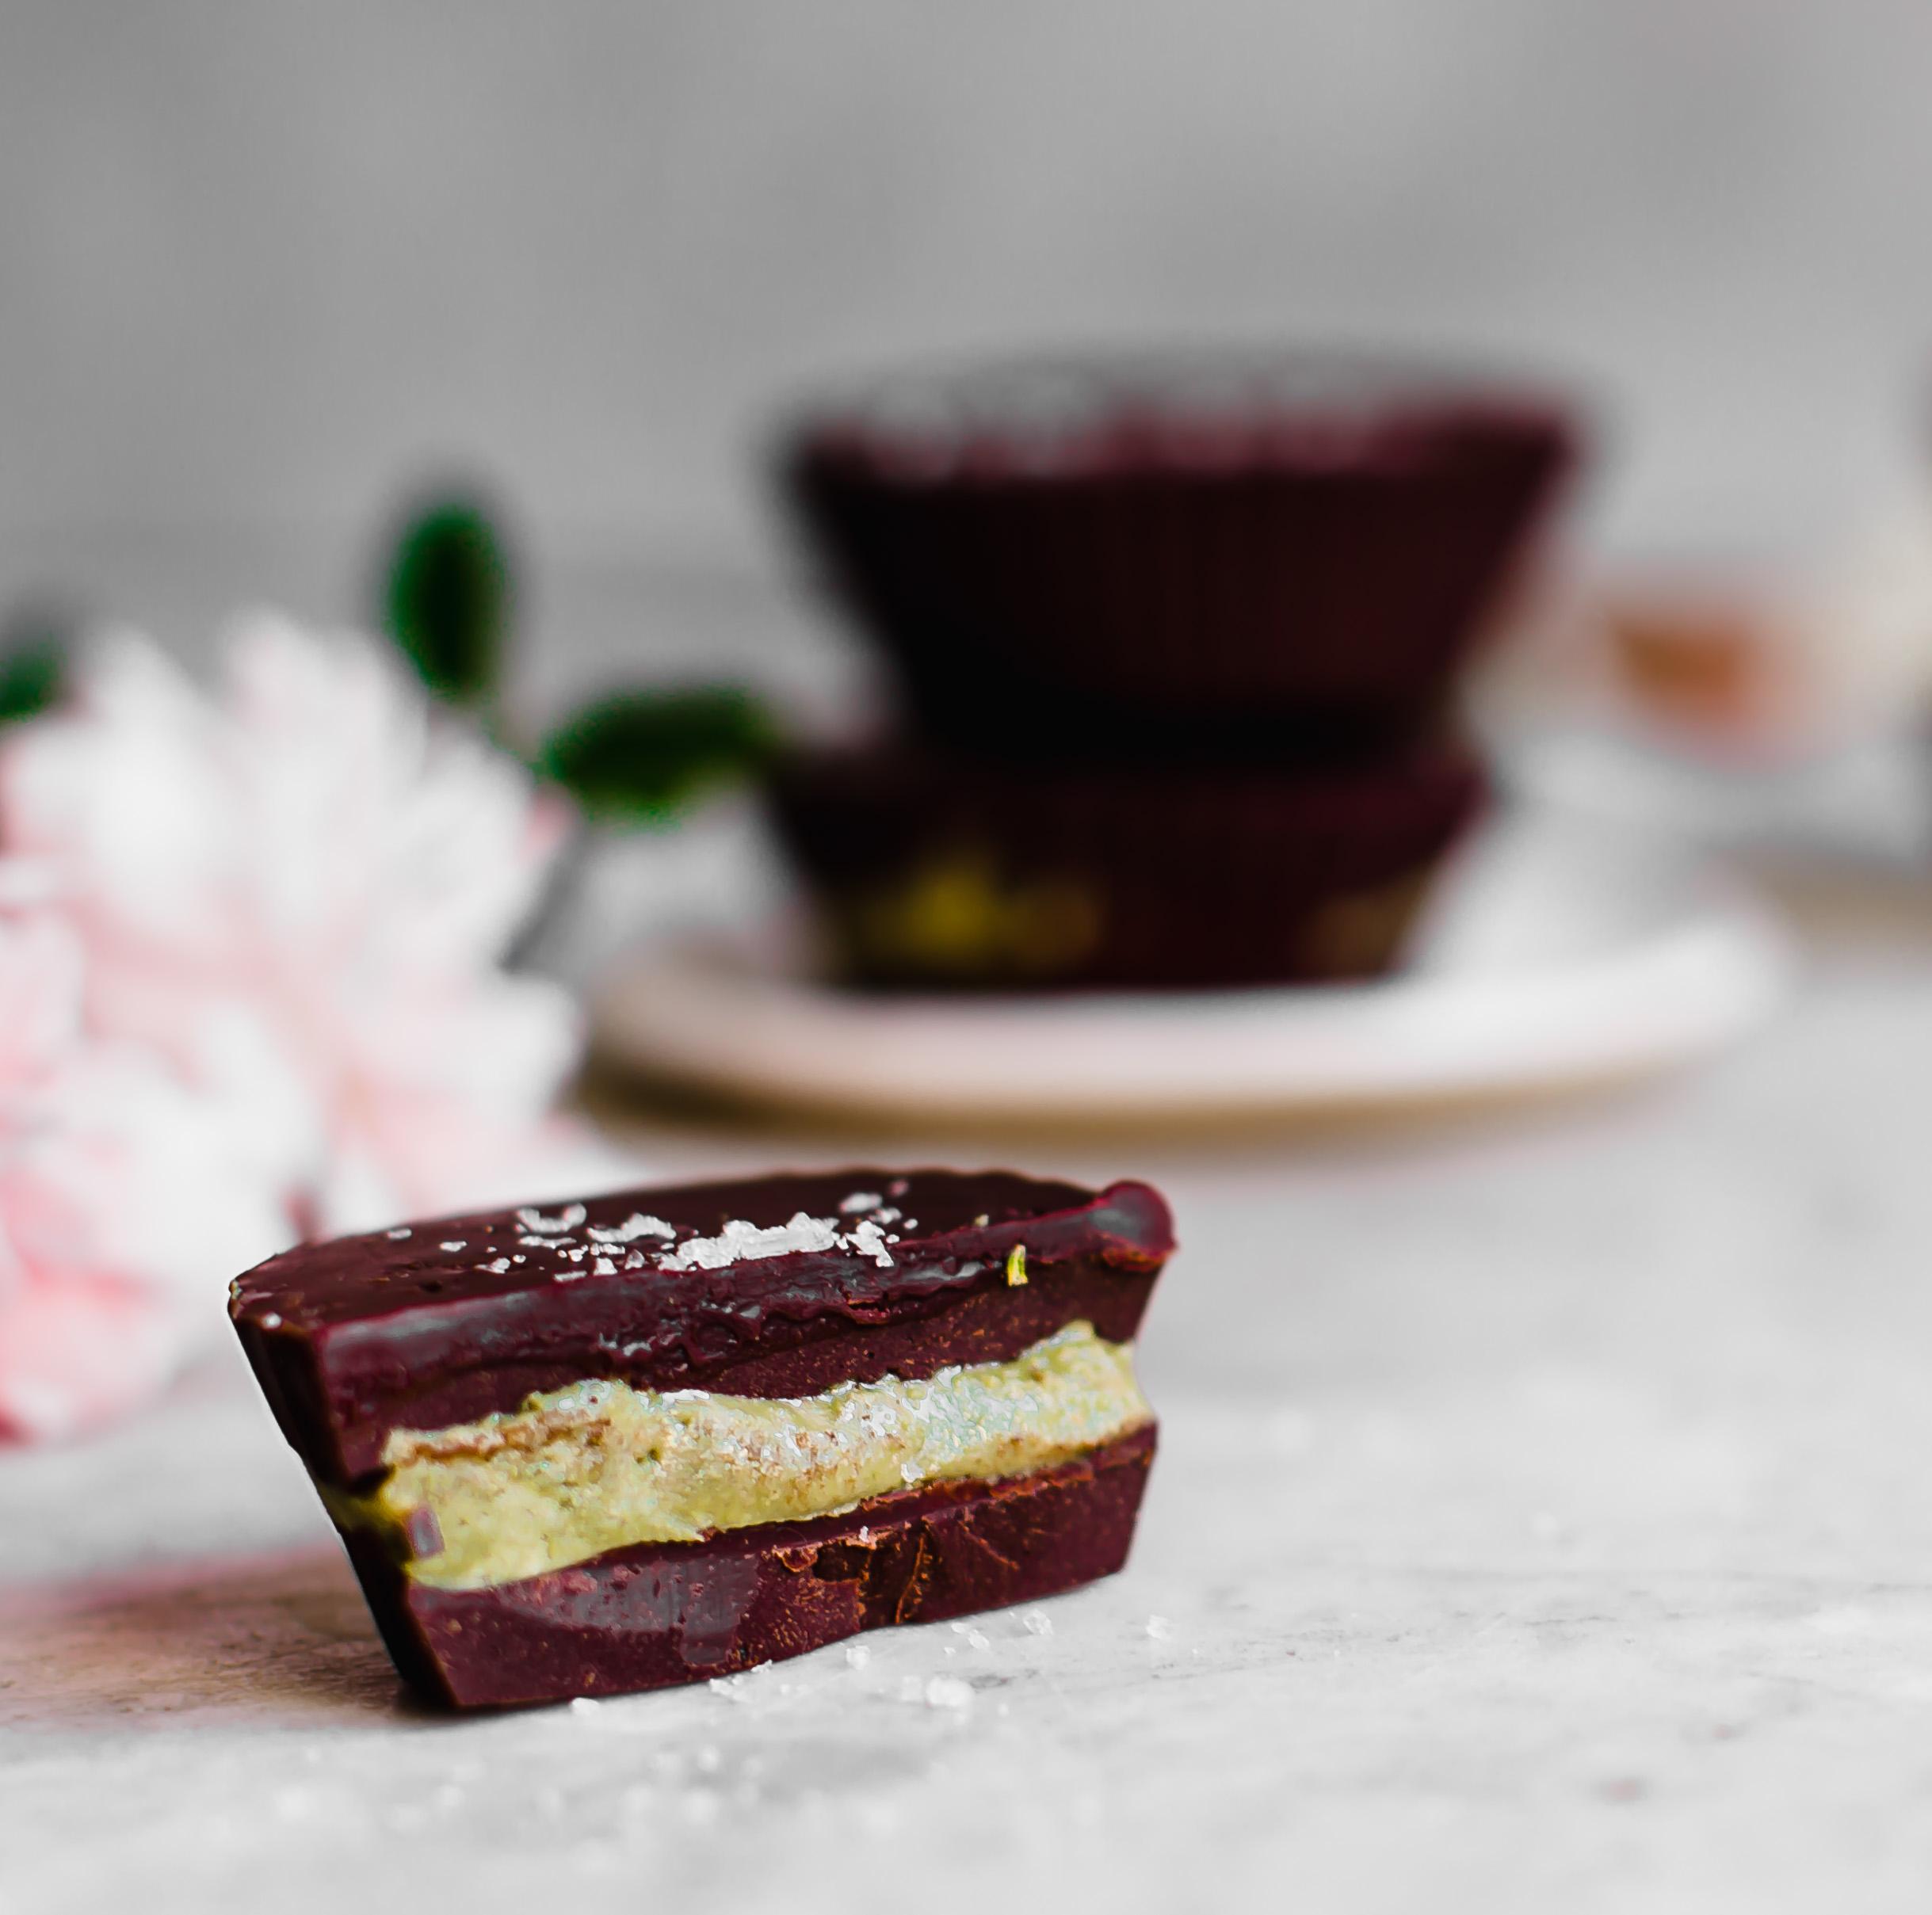 4-Matcha-Nut-Butter-Cups | www.mariereginato.com.jpg